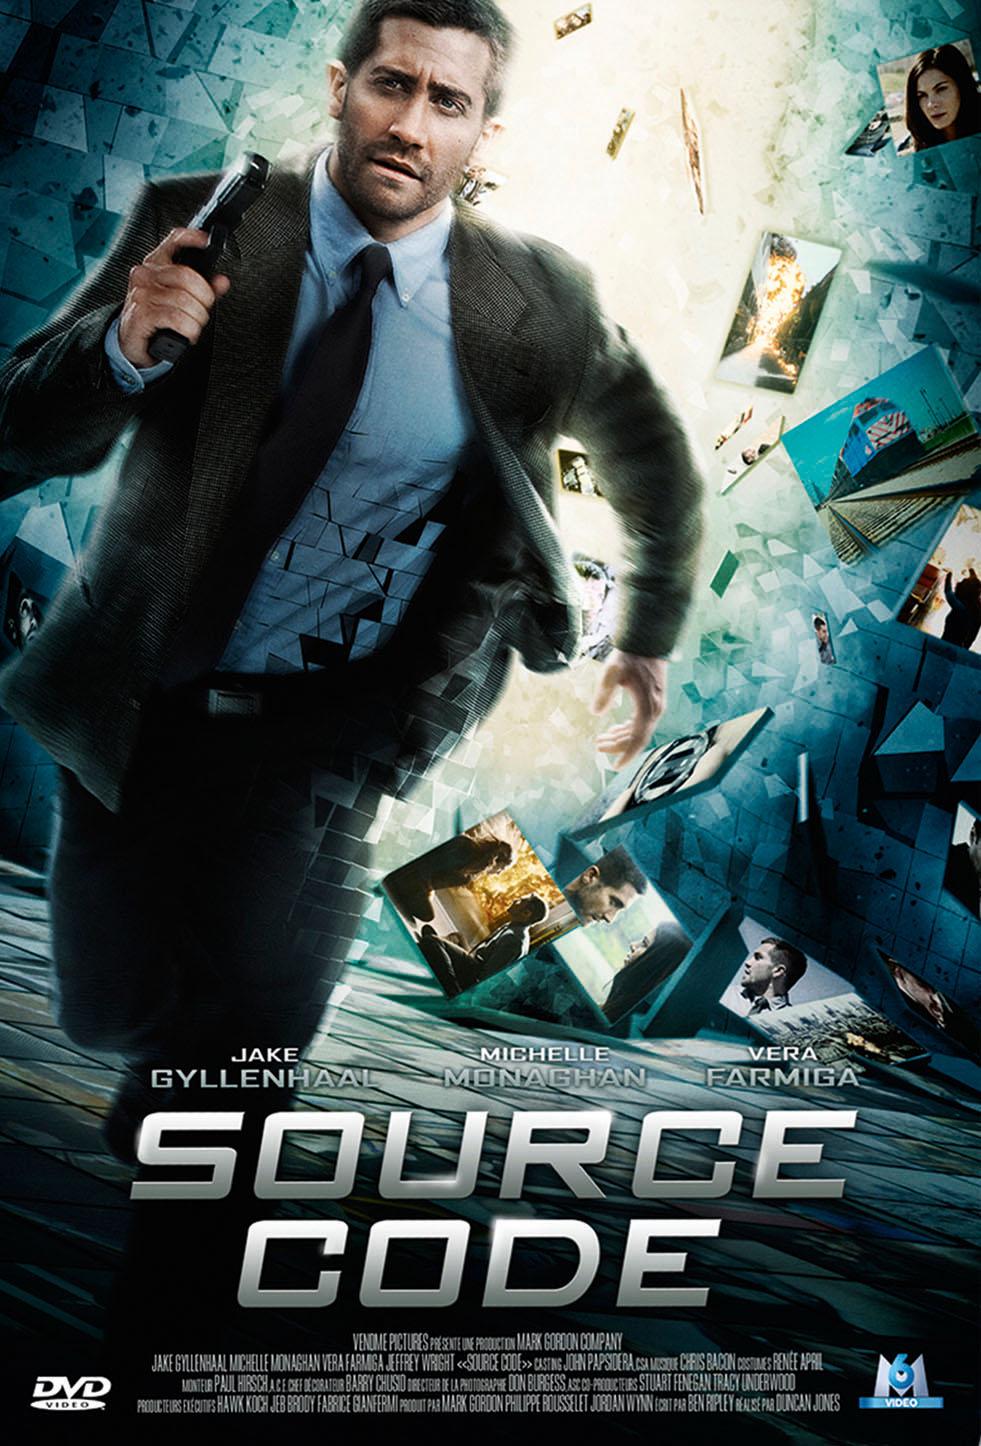 ALL-17-SOURCE CODE | portfolio-a-p